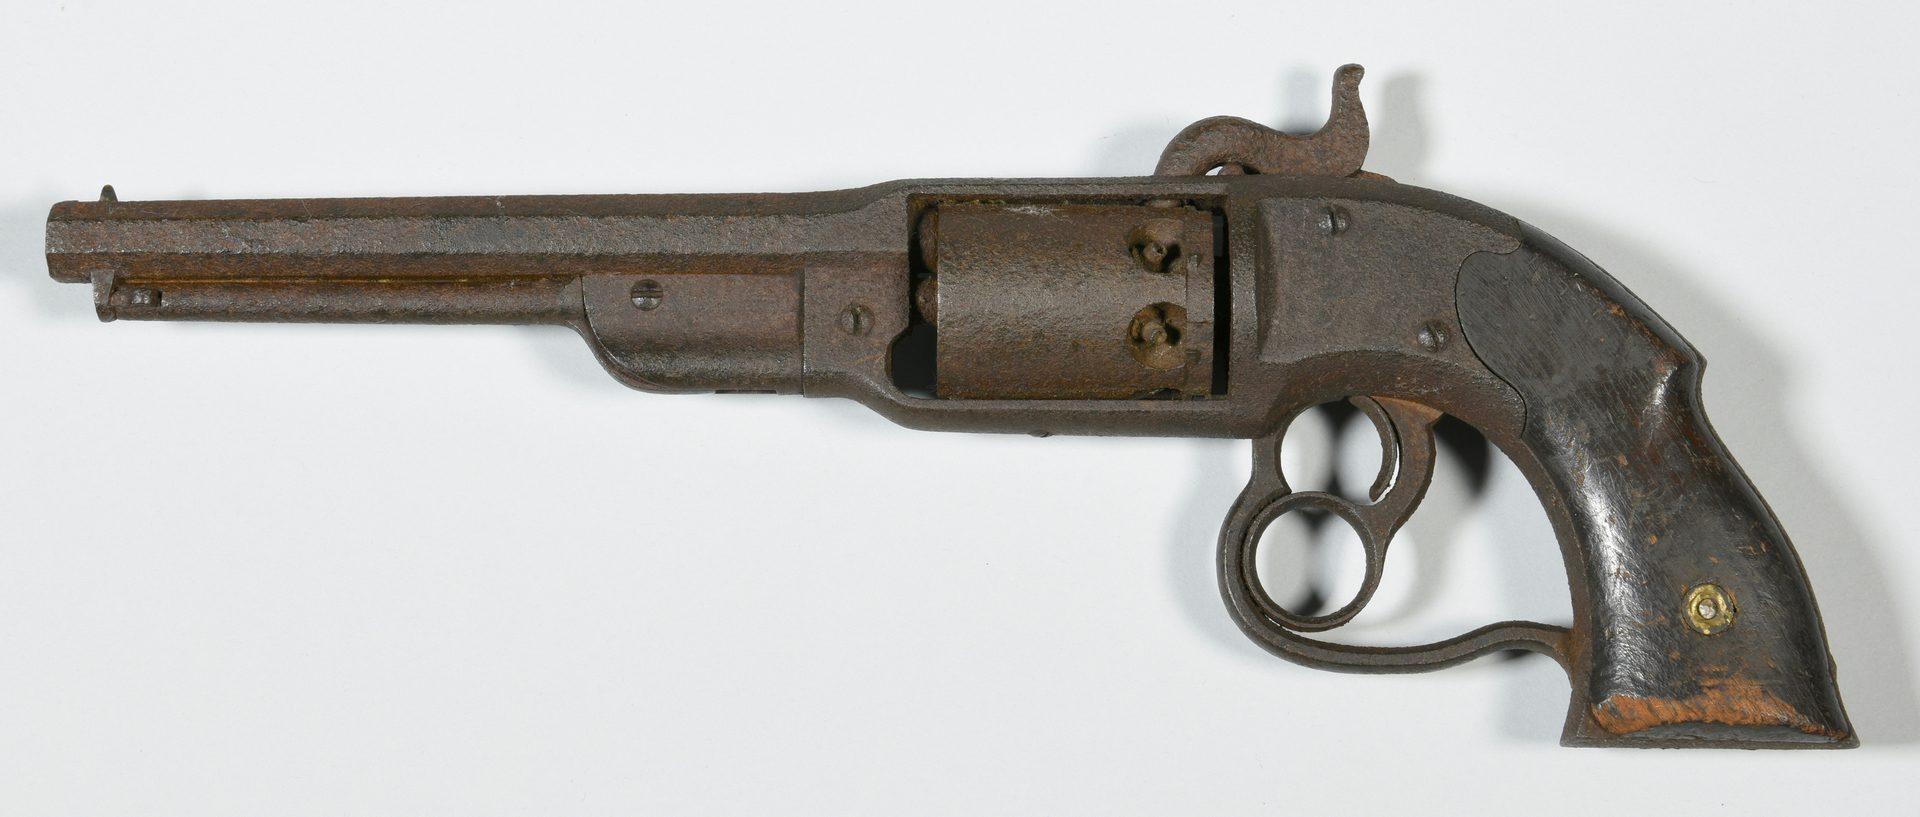 Lot 292: 2 Civil War Era Pistols, Devon Farm